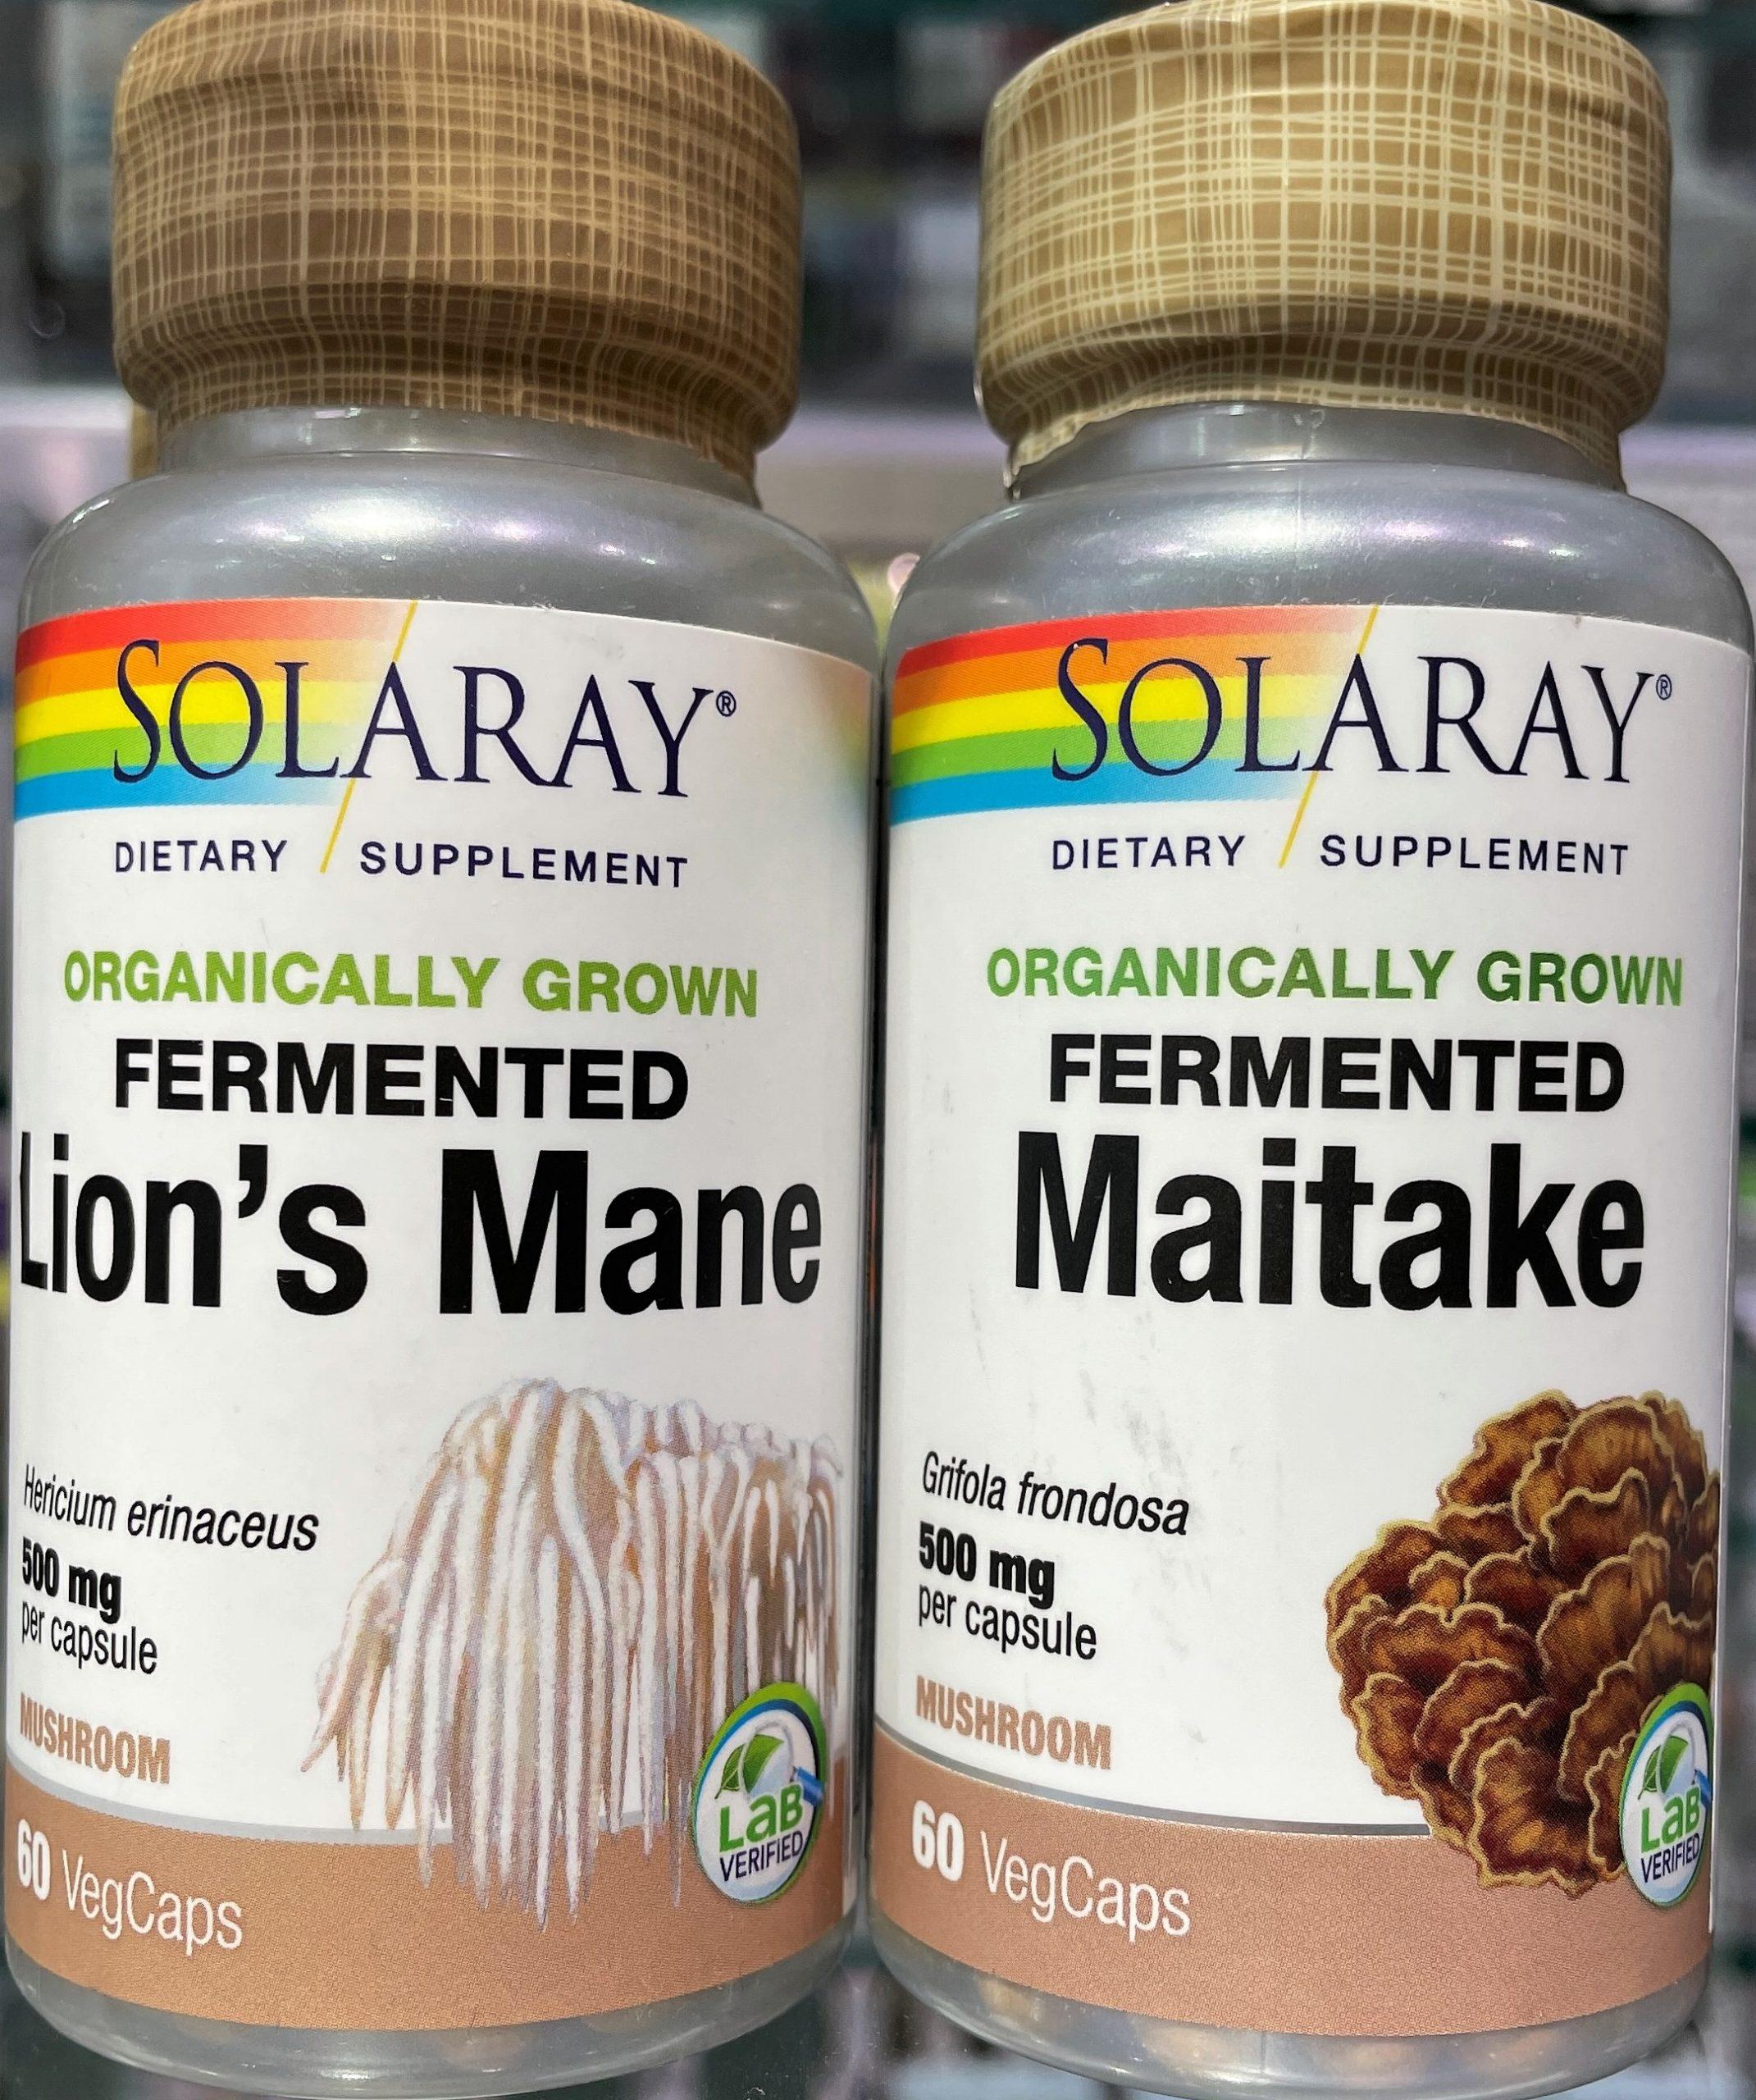 Fermented Maitake de Solaray reconocidos en muchos estudios por sus beneficios sobre el sistema inmunitario